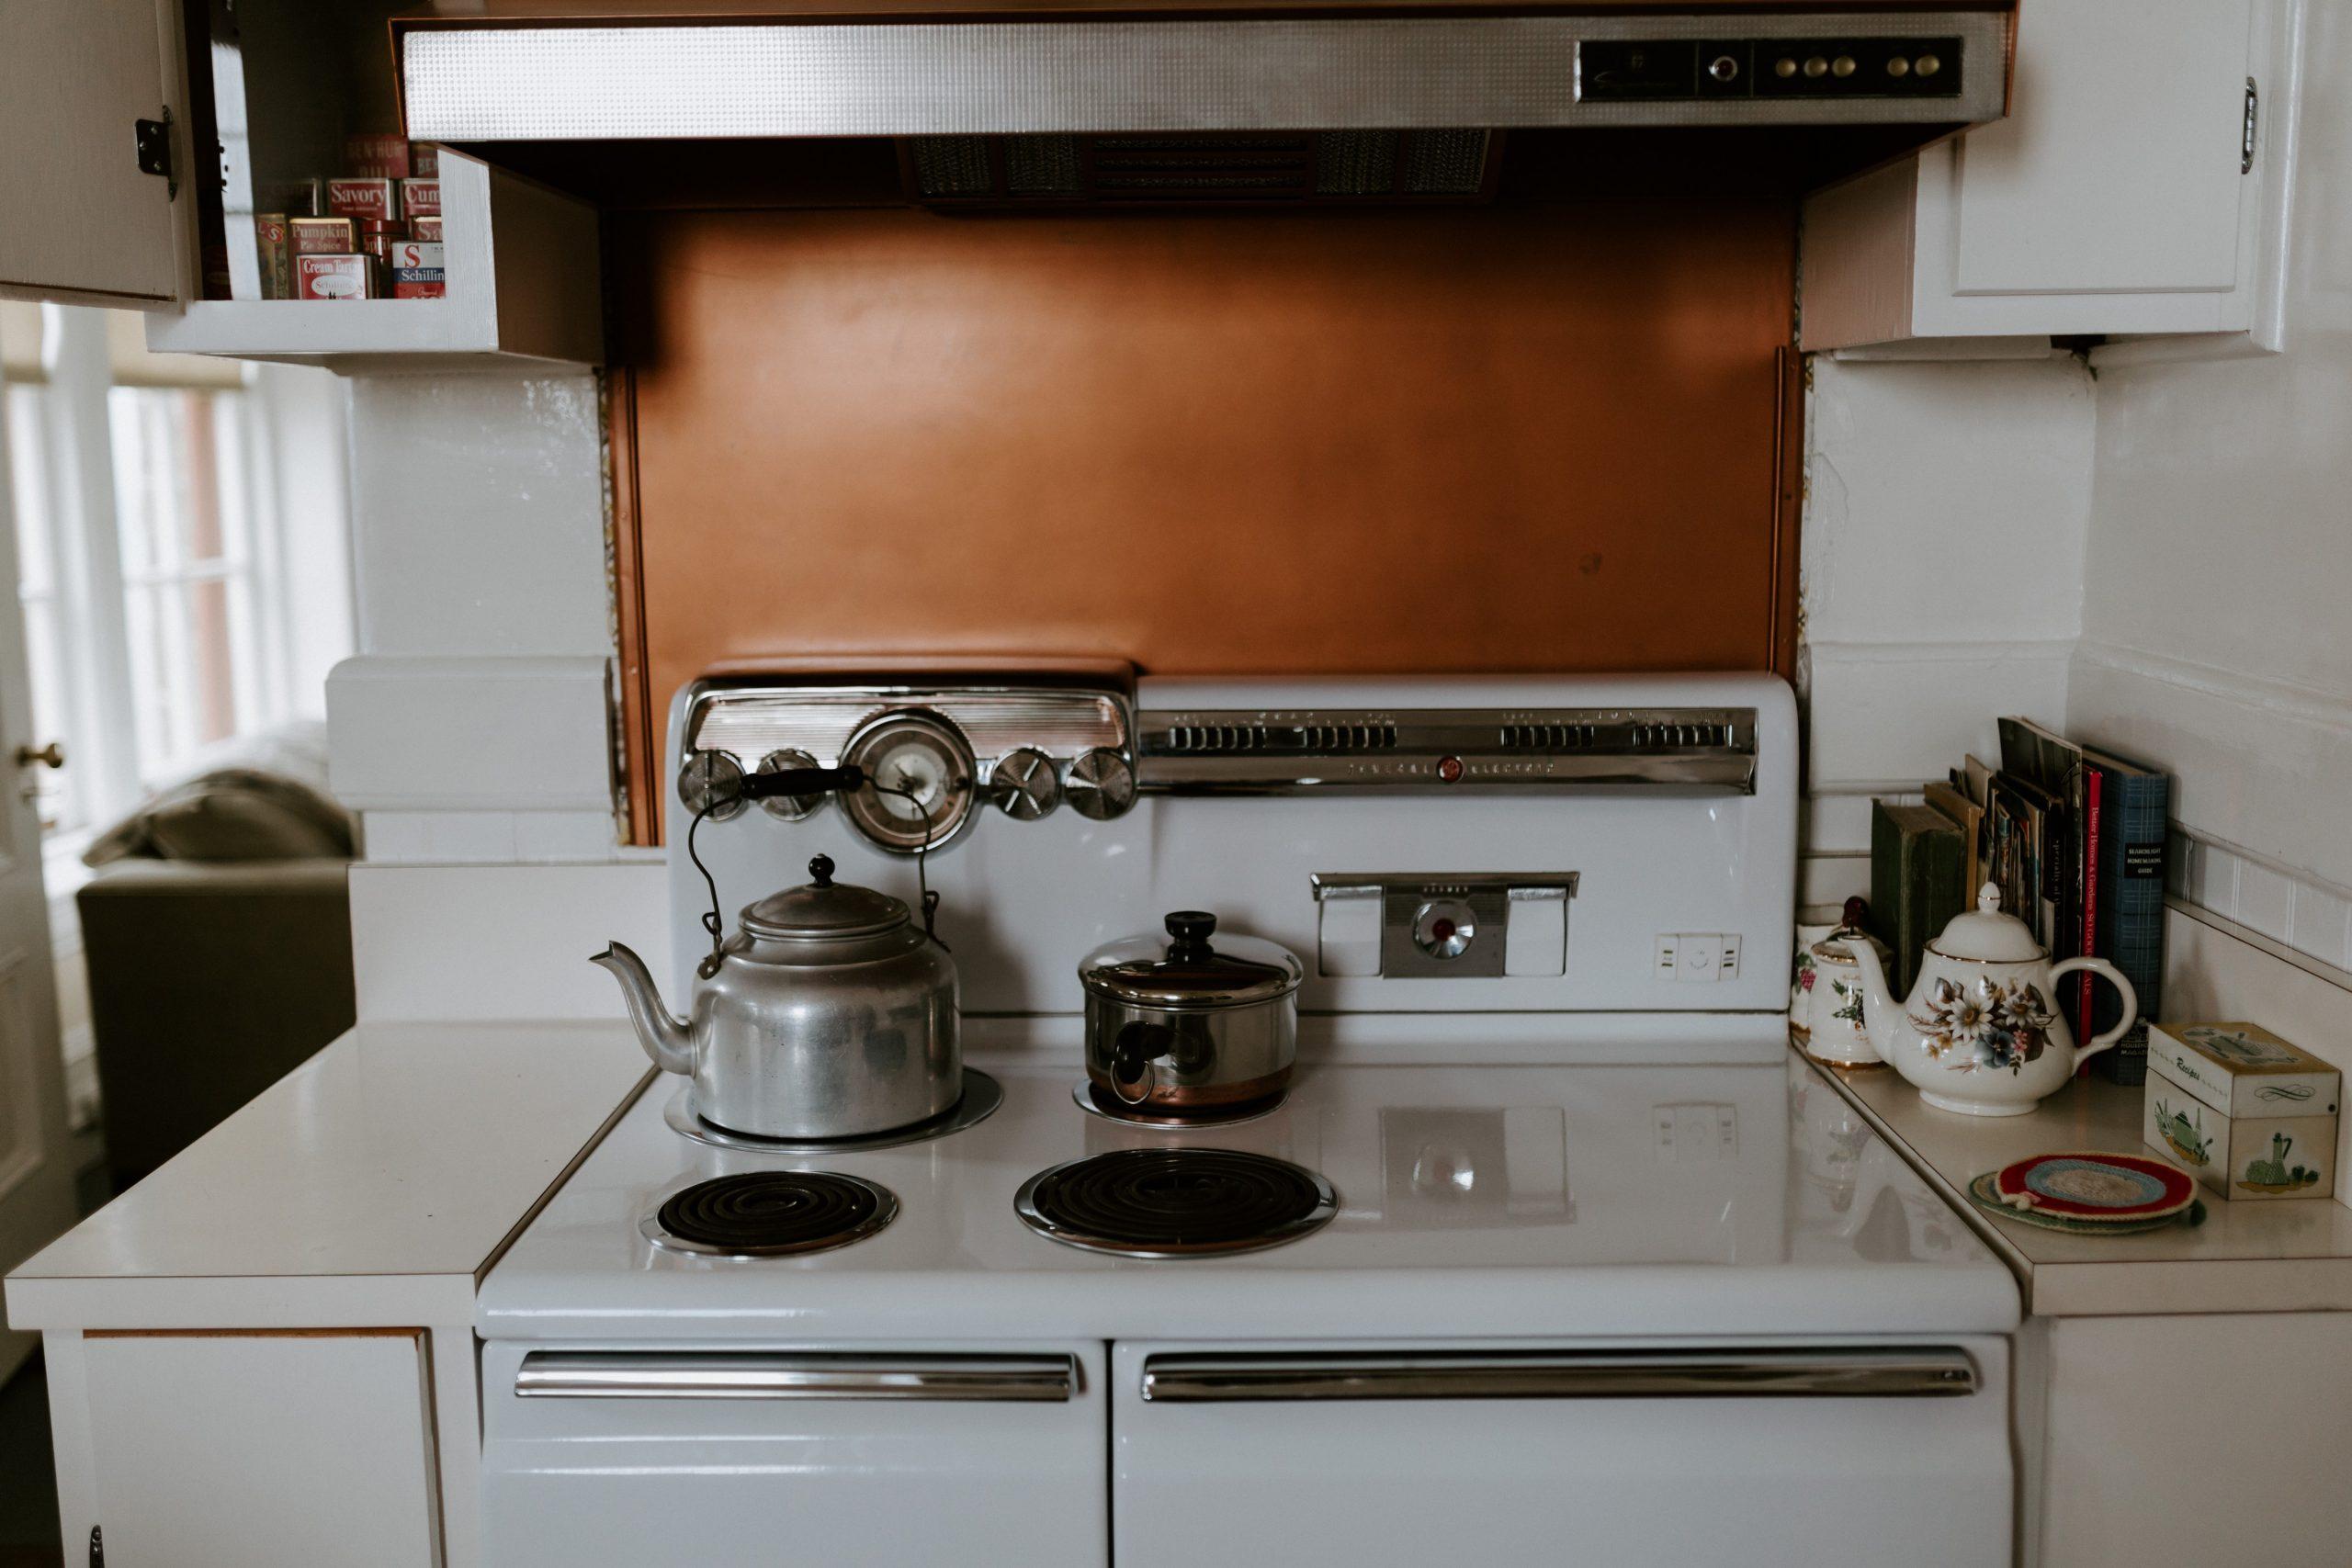 Cocina blanca con horno y estufa